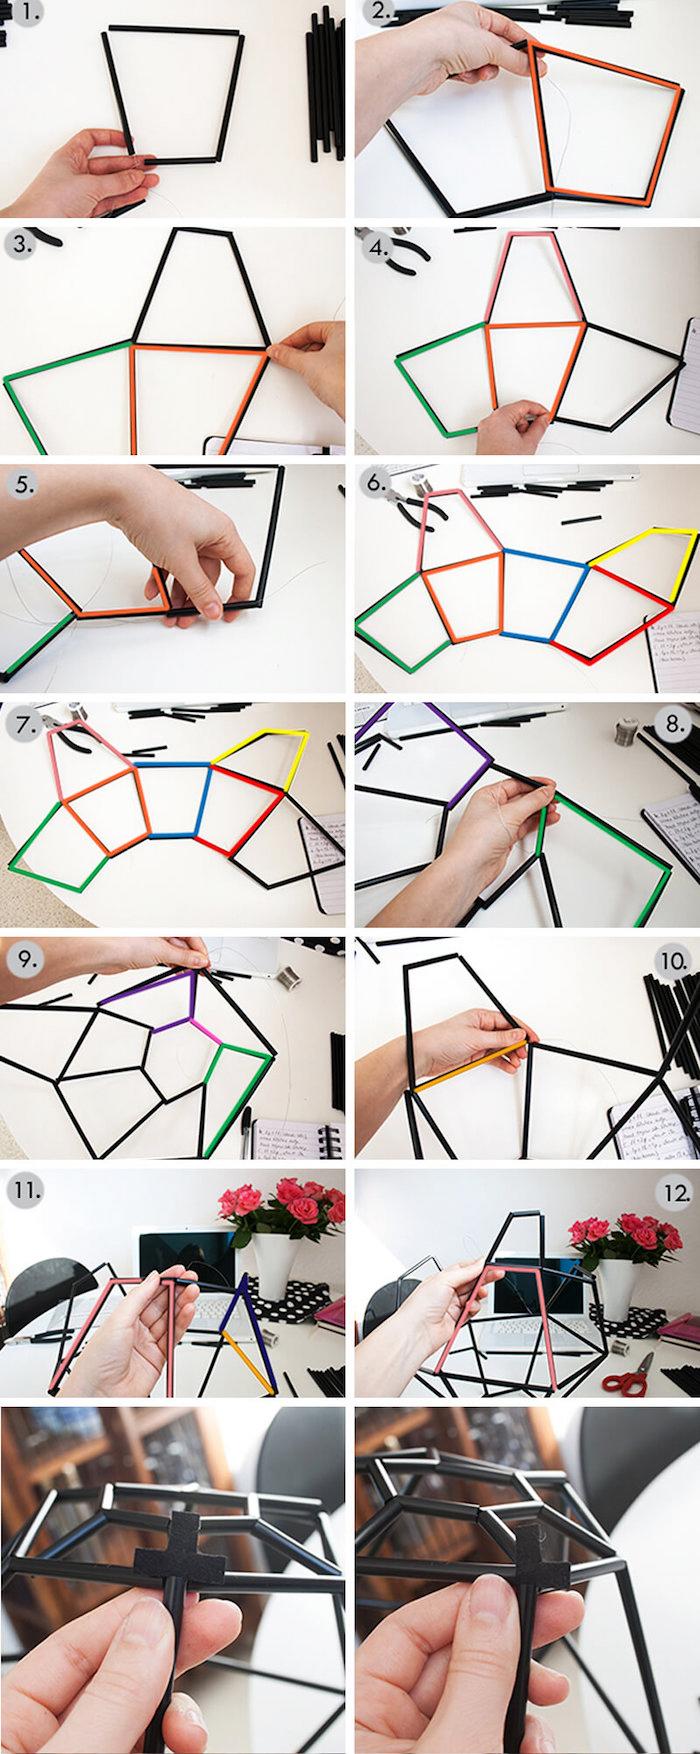 Ansprechend Collage Basteln Beste Wahl Geometrischer Lampenschirm Basteln, Collage, Viele Bilder, Kreative